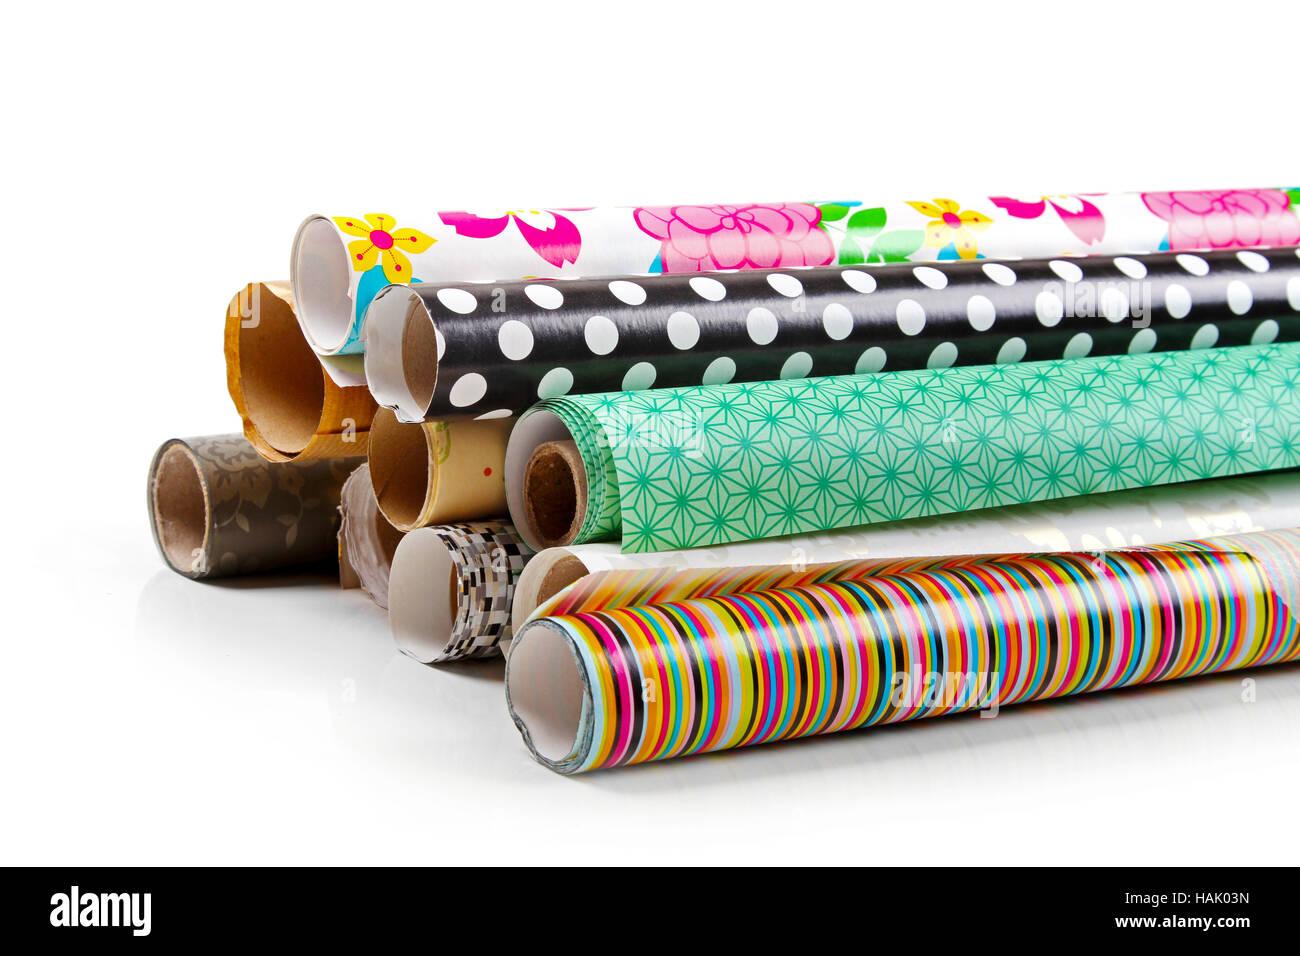 Rouleaux de papier d'emballage coloré isolated on white Photo Stock